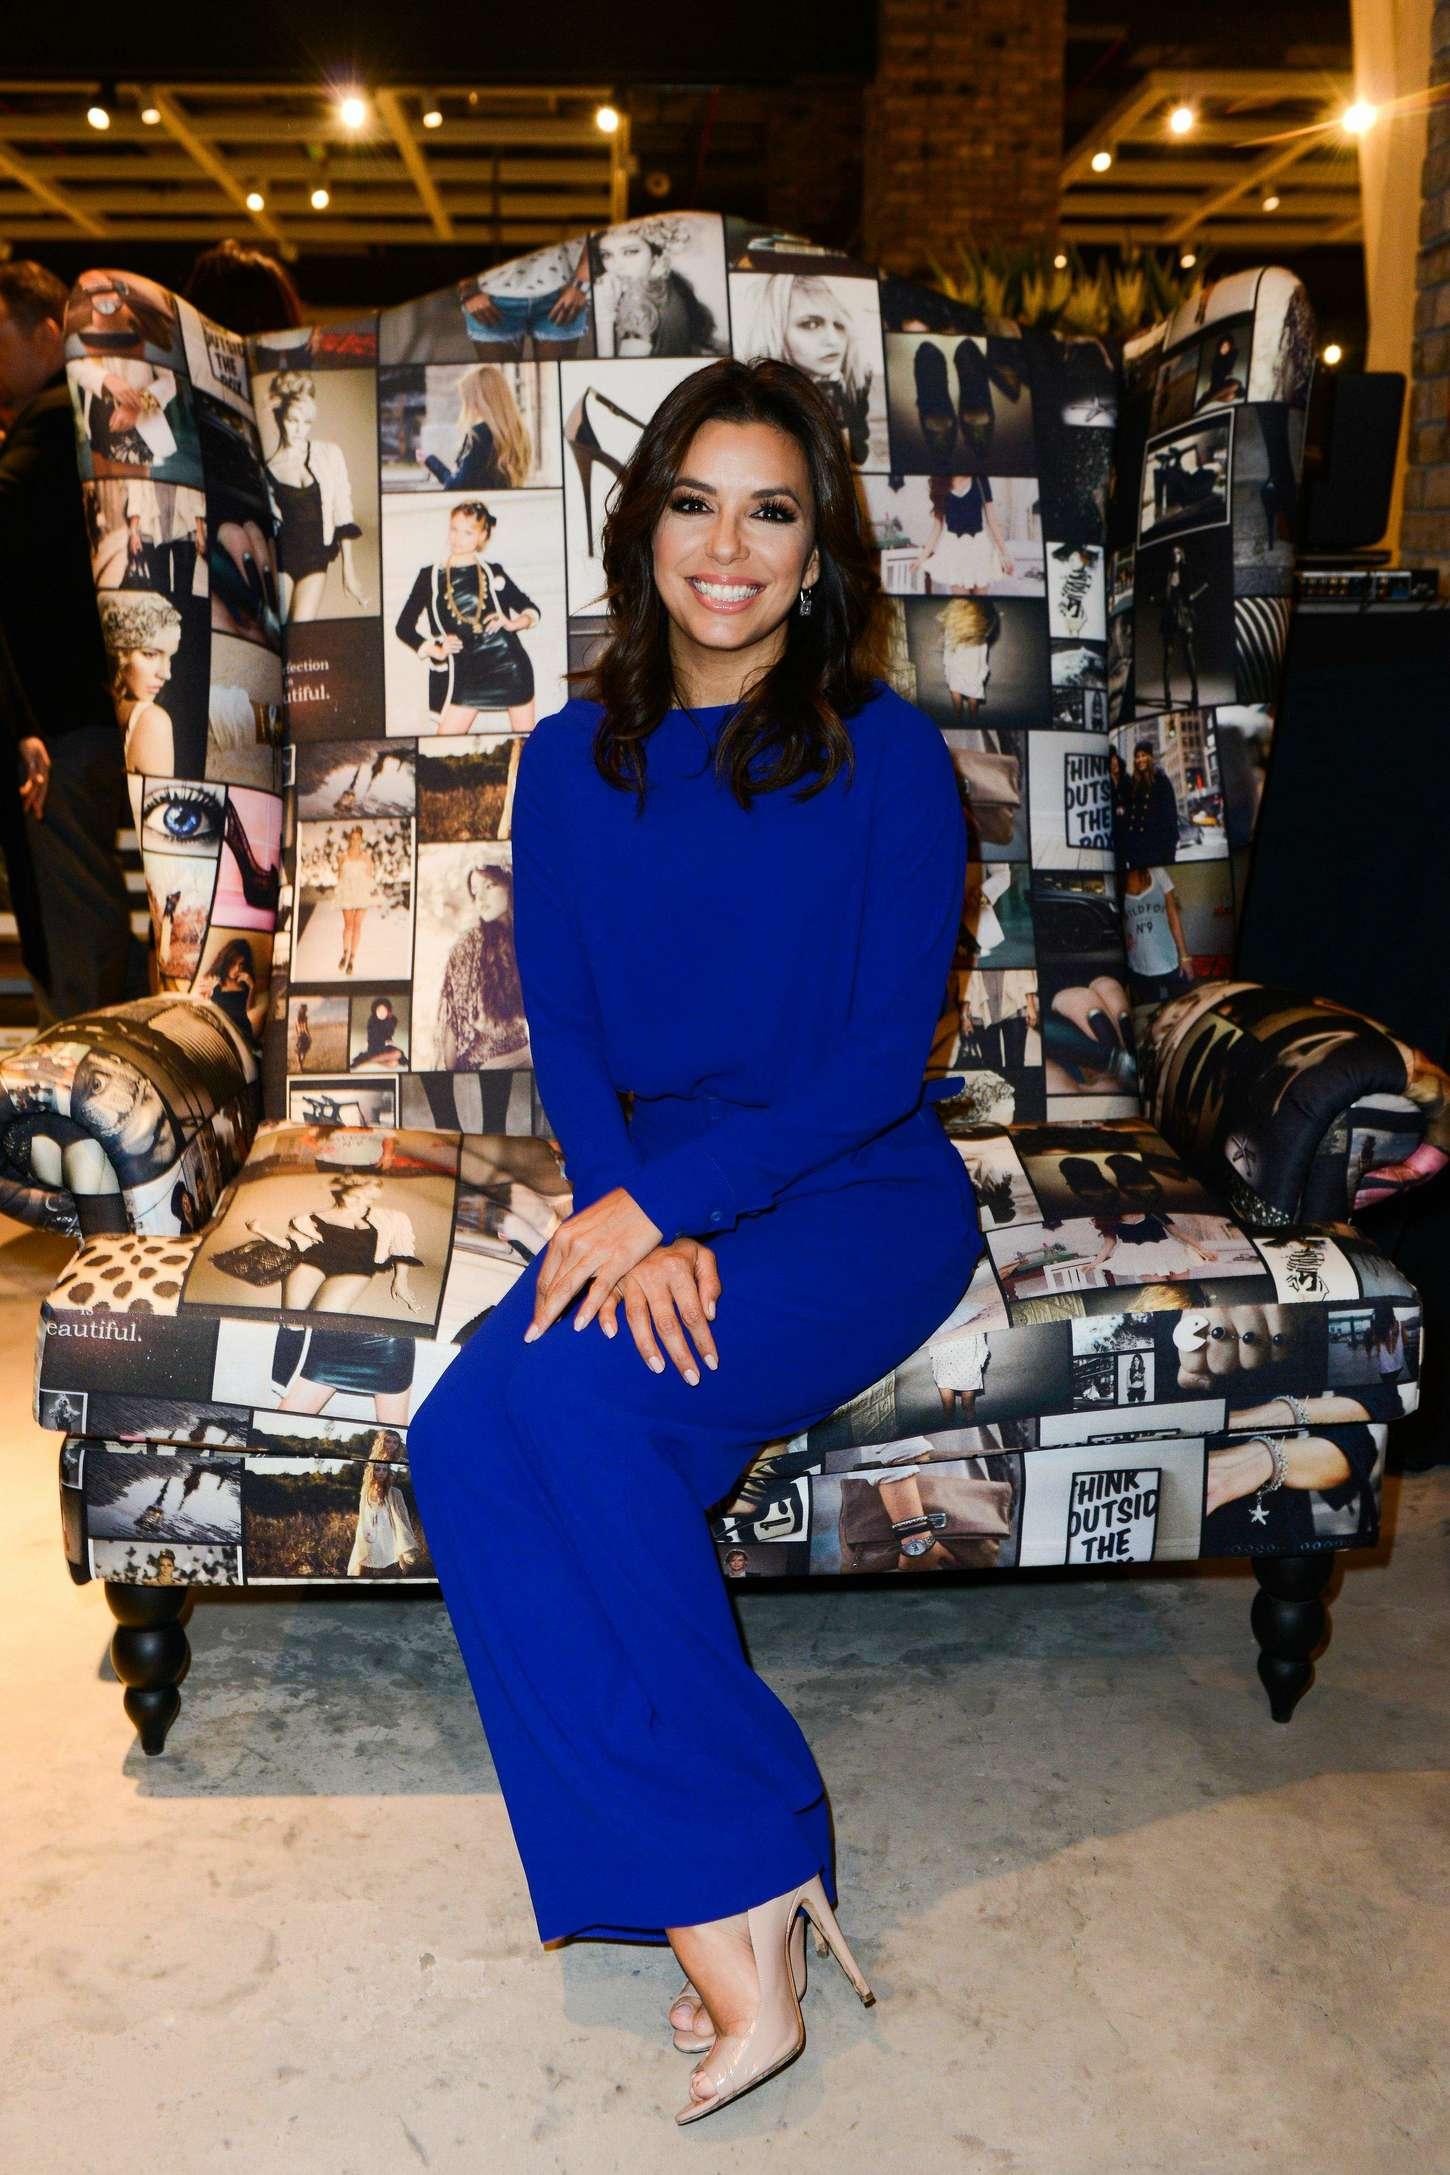 Eva Longoria Visits Marina Interiors Furniture Store in Dubai